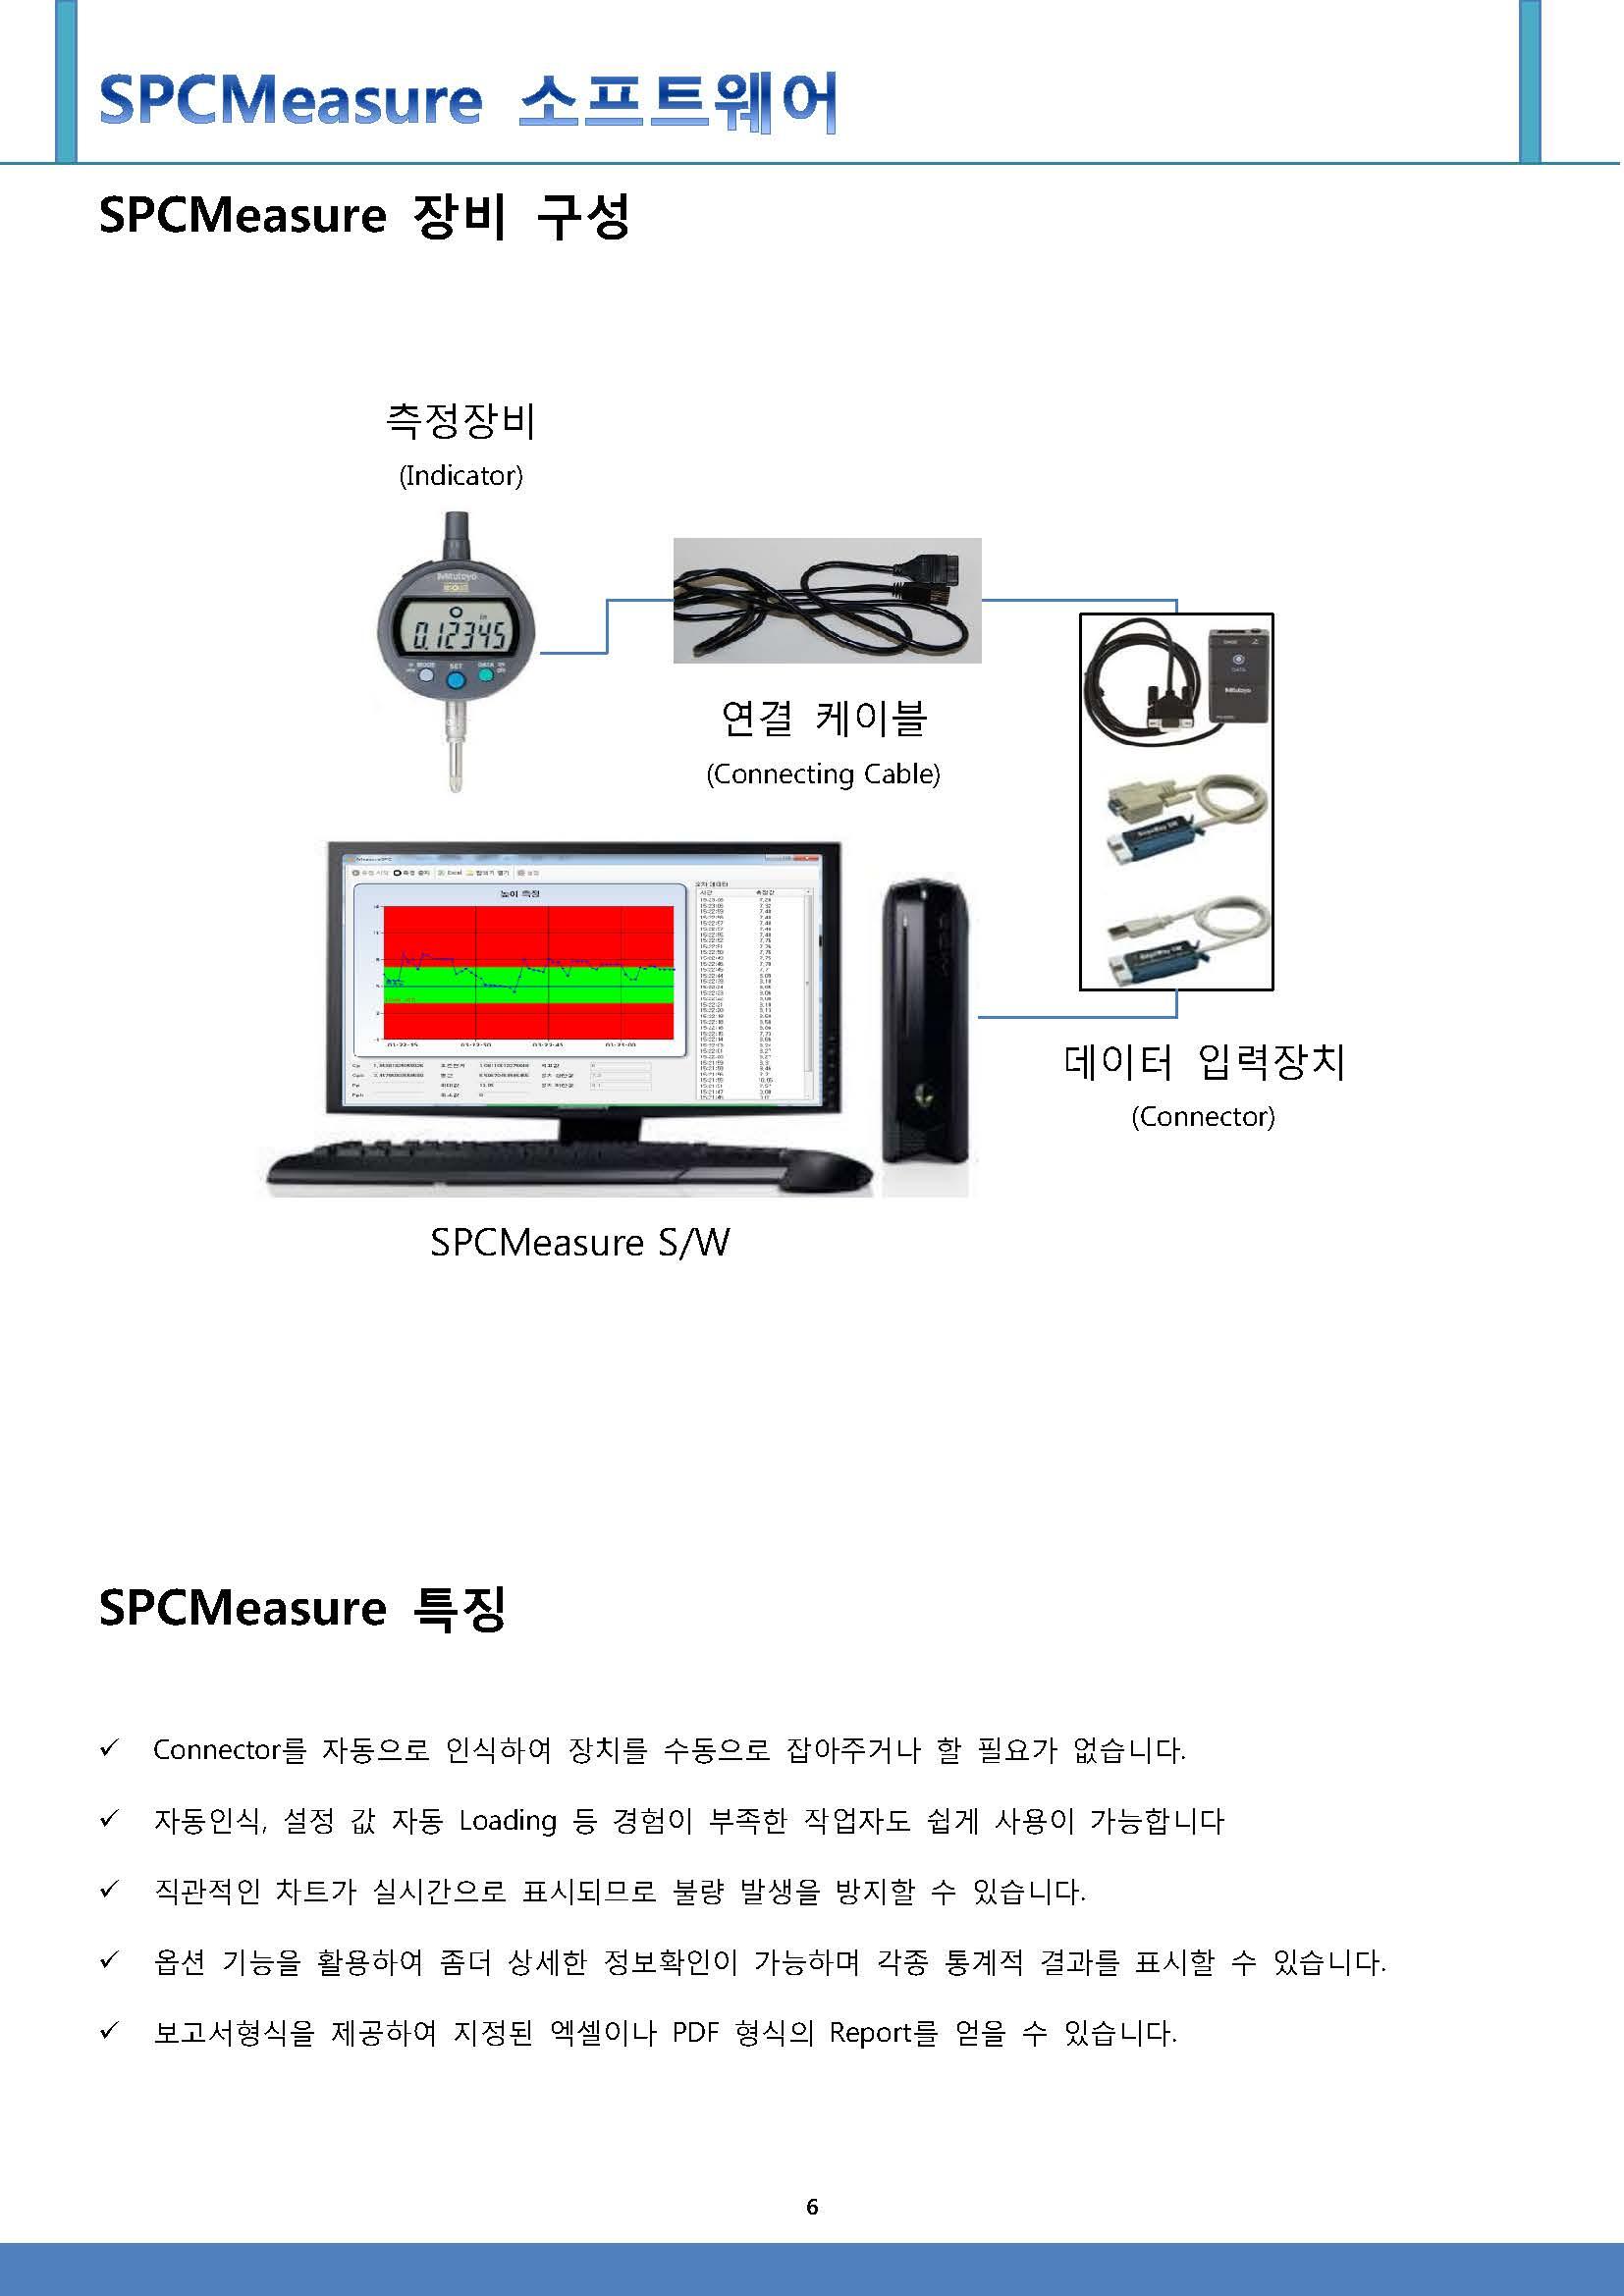 SPCMeasure1_페이지_6.jpg